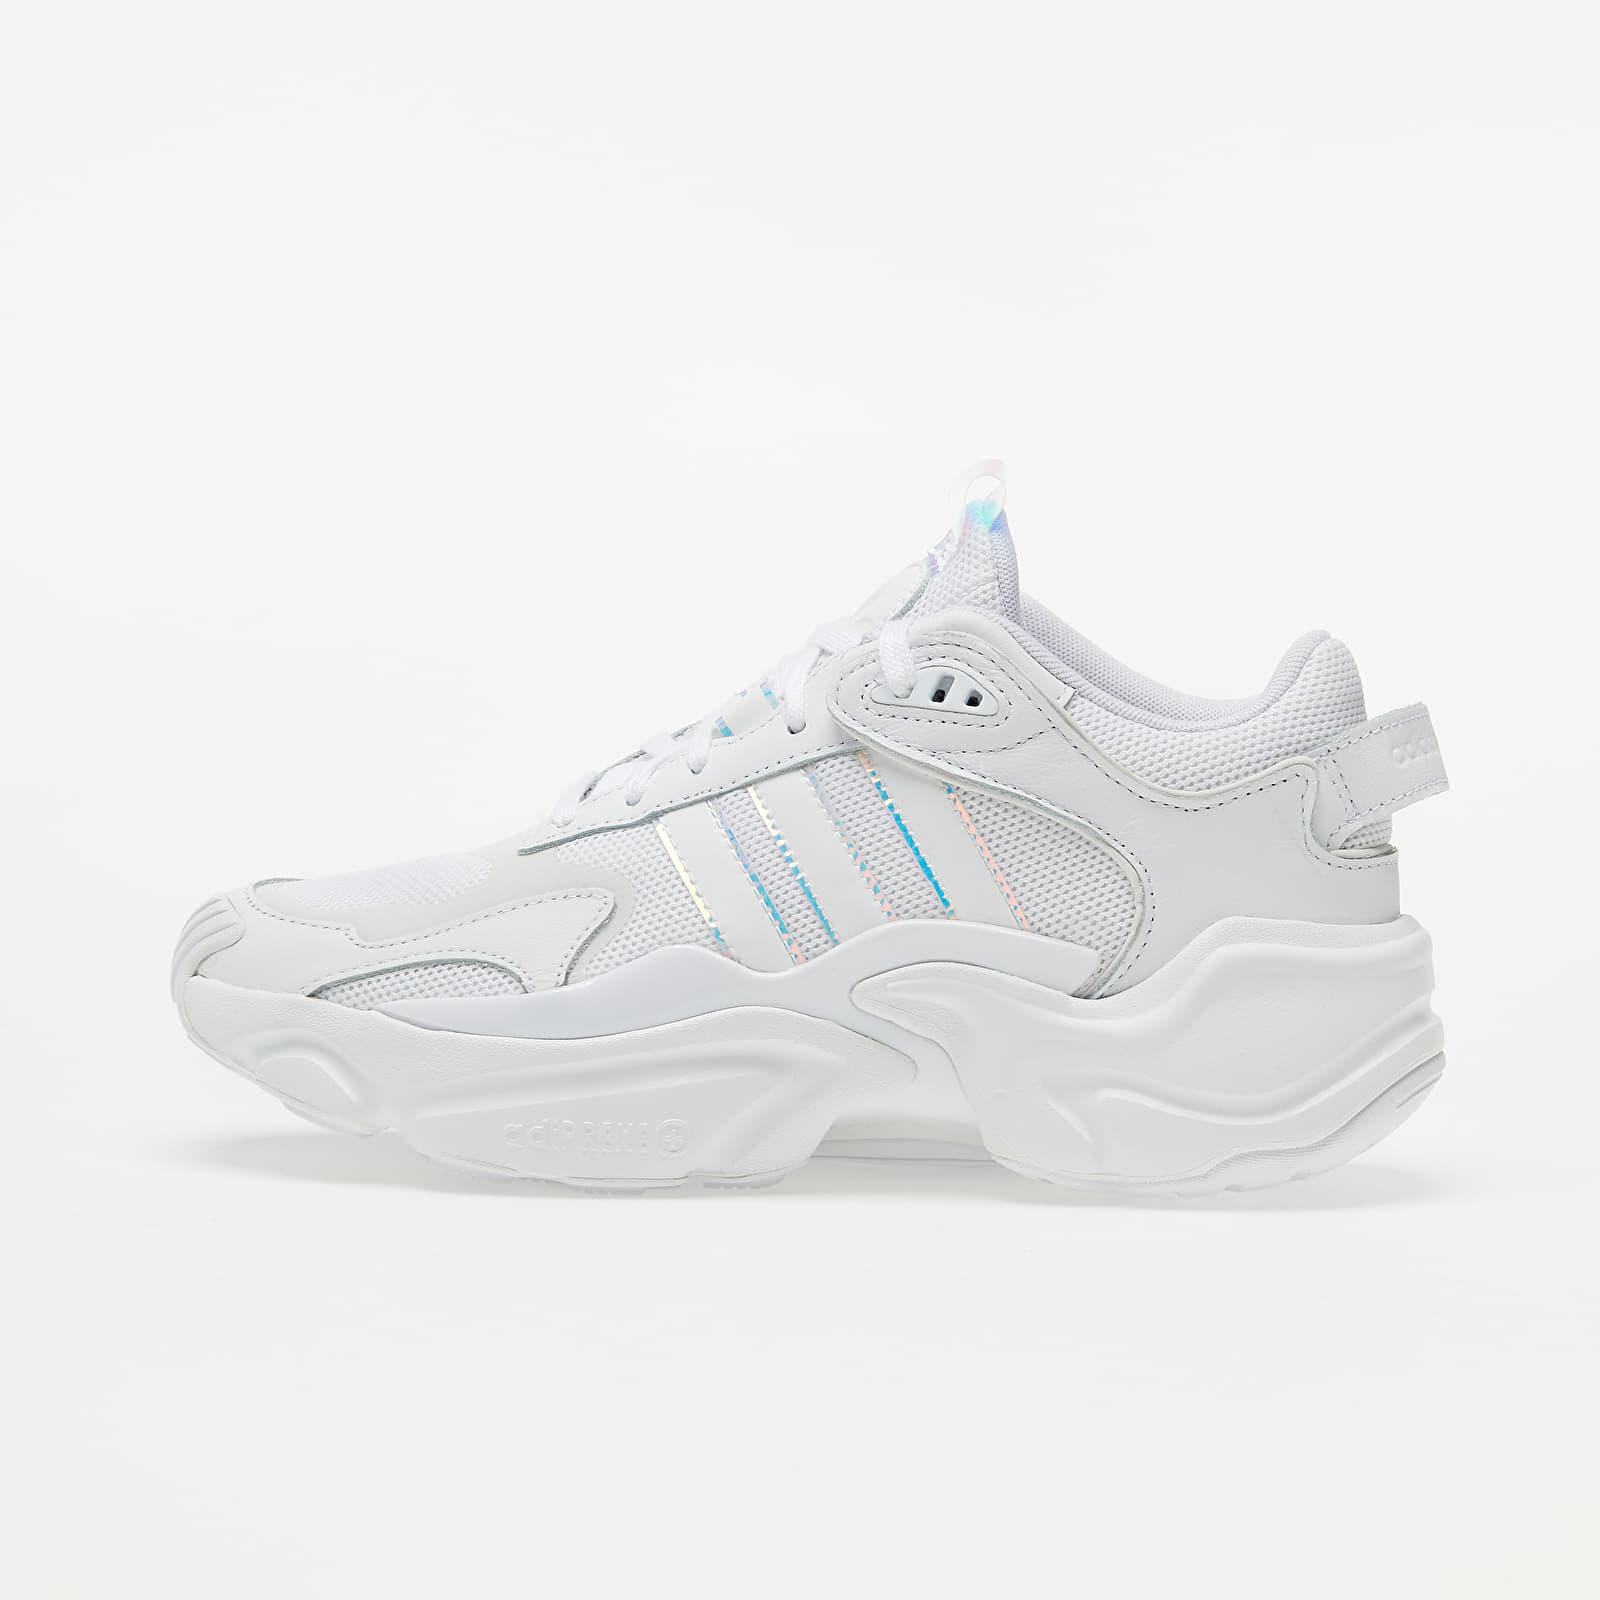 Női cipők adidas Magmur Runner W Ftw White/ Ftw White/ Ftw White